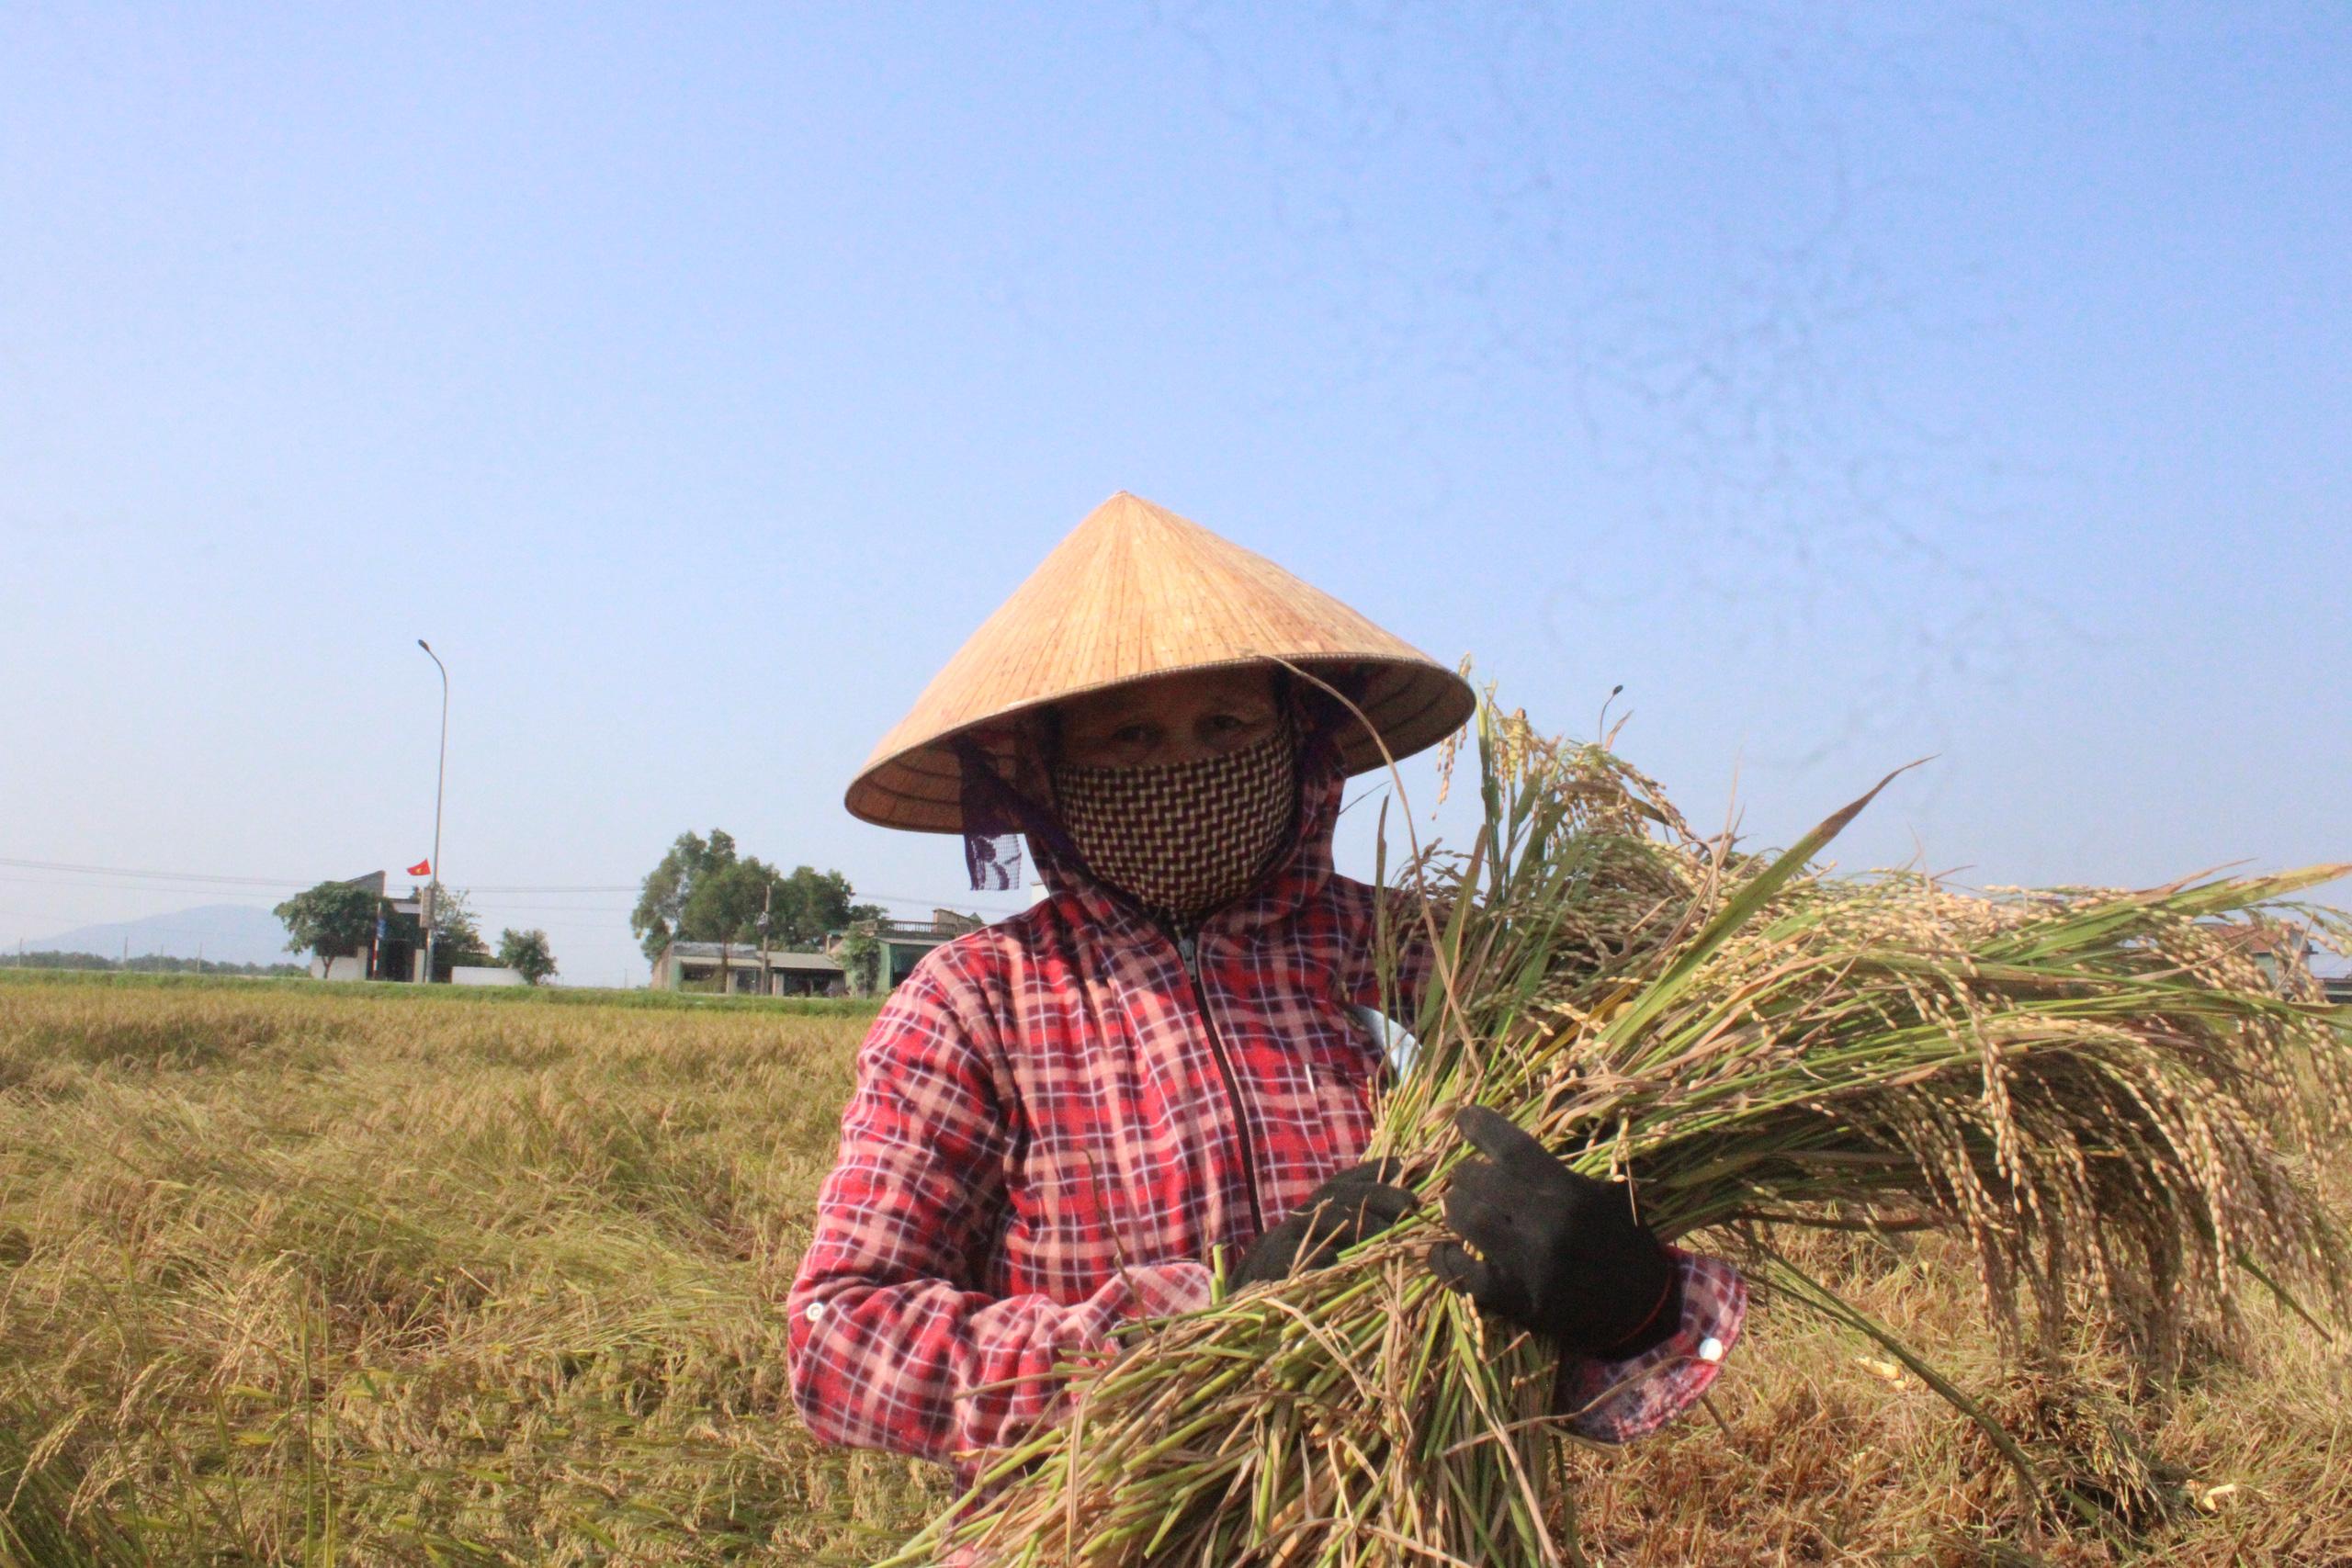 Hà Tĩnh: Lúa chín rộ, nông dân đỏ mắt tìm máy gặt - Ảnh 6.